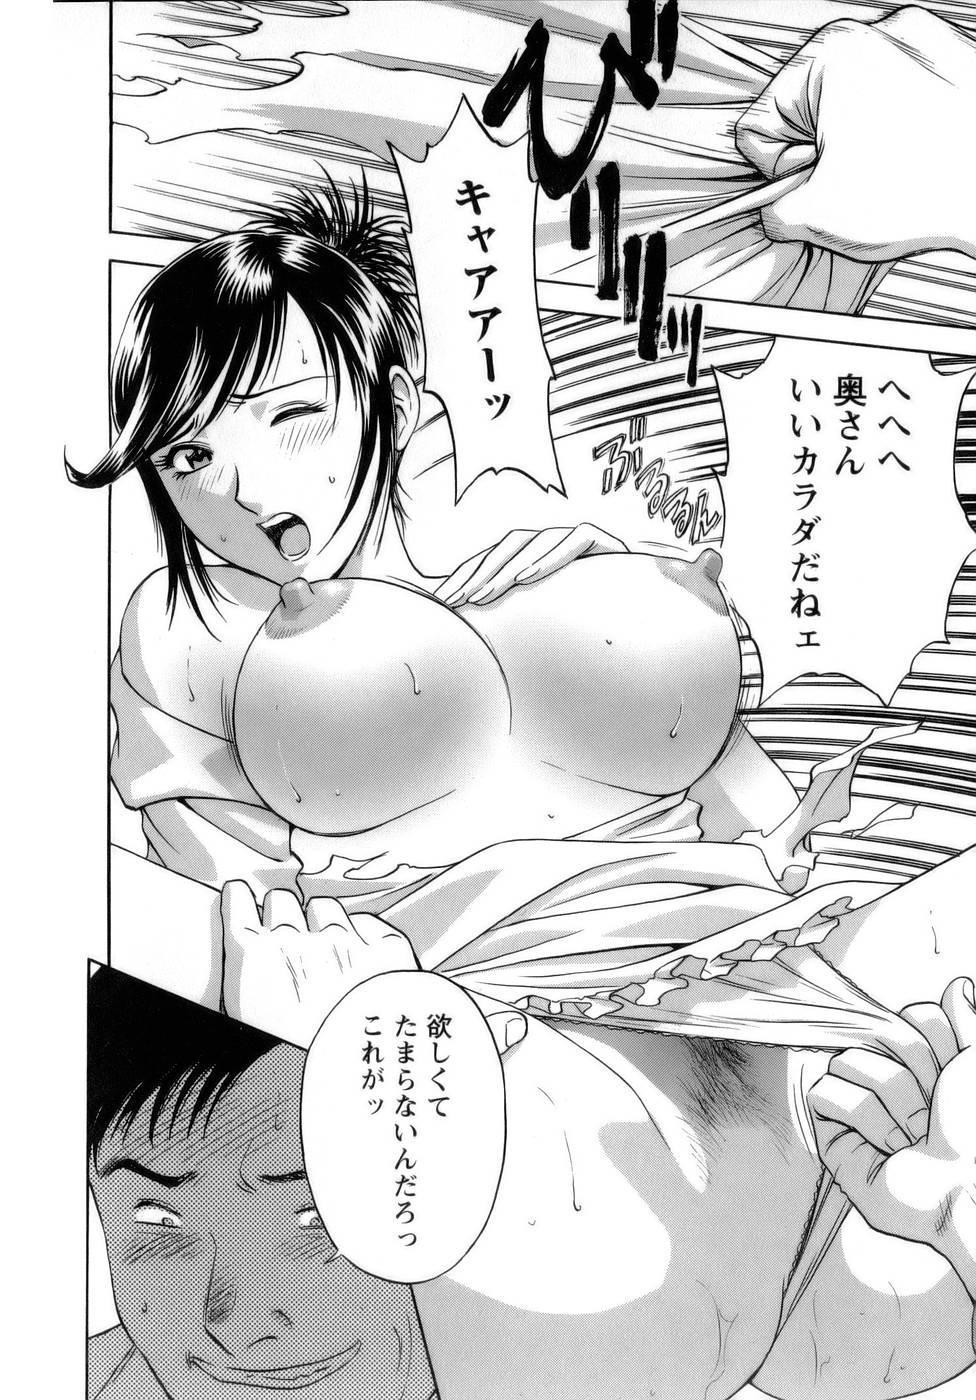 [Hidemaru] Mo-Retsu! Boin Sensei (Boing Boing Teacher) Vol.1 93